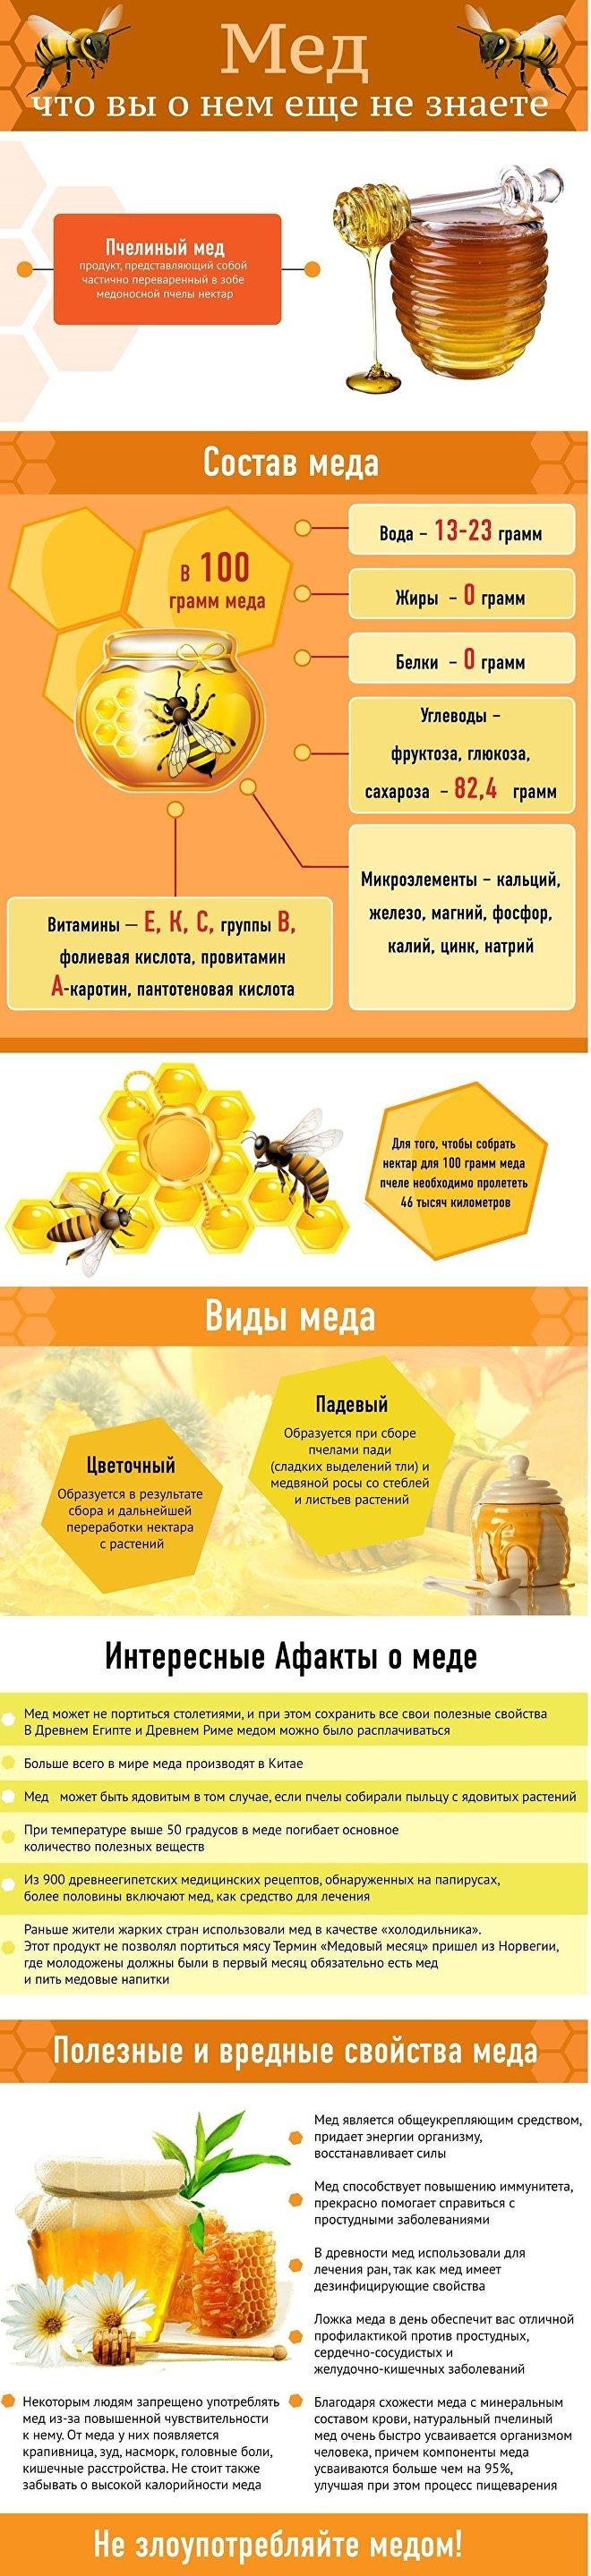 Мед пчелиный – интересные факты, польза и вред